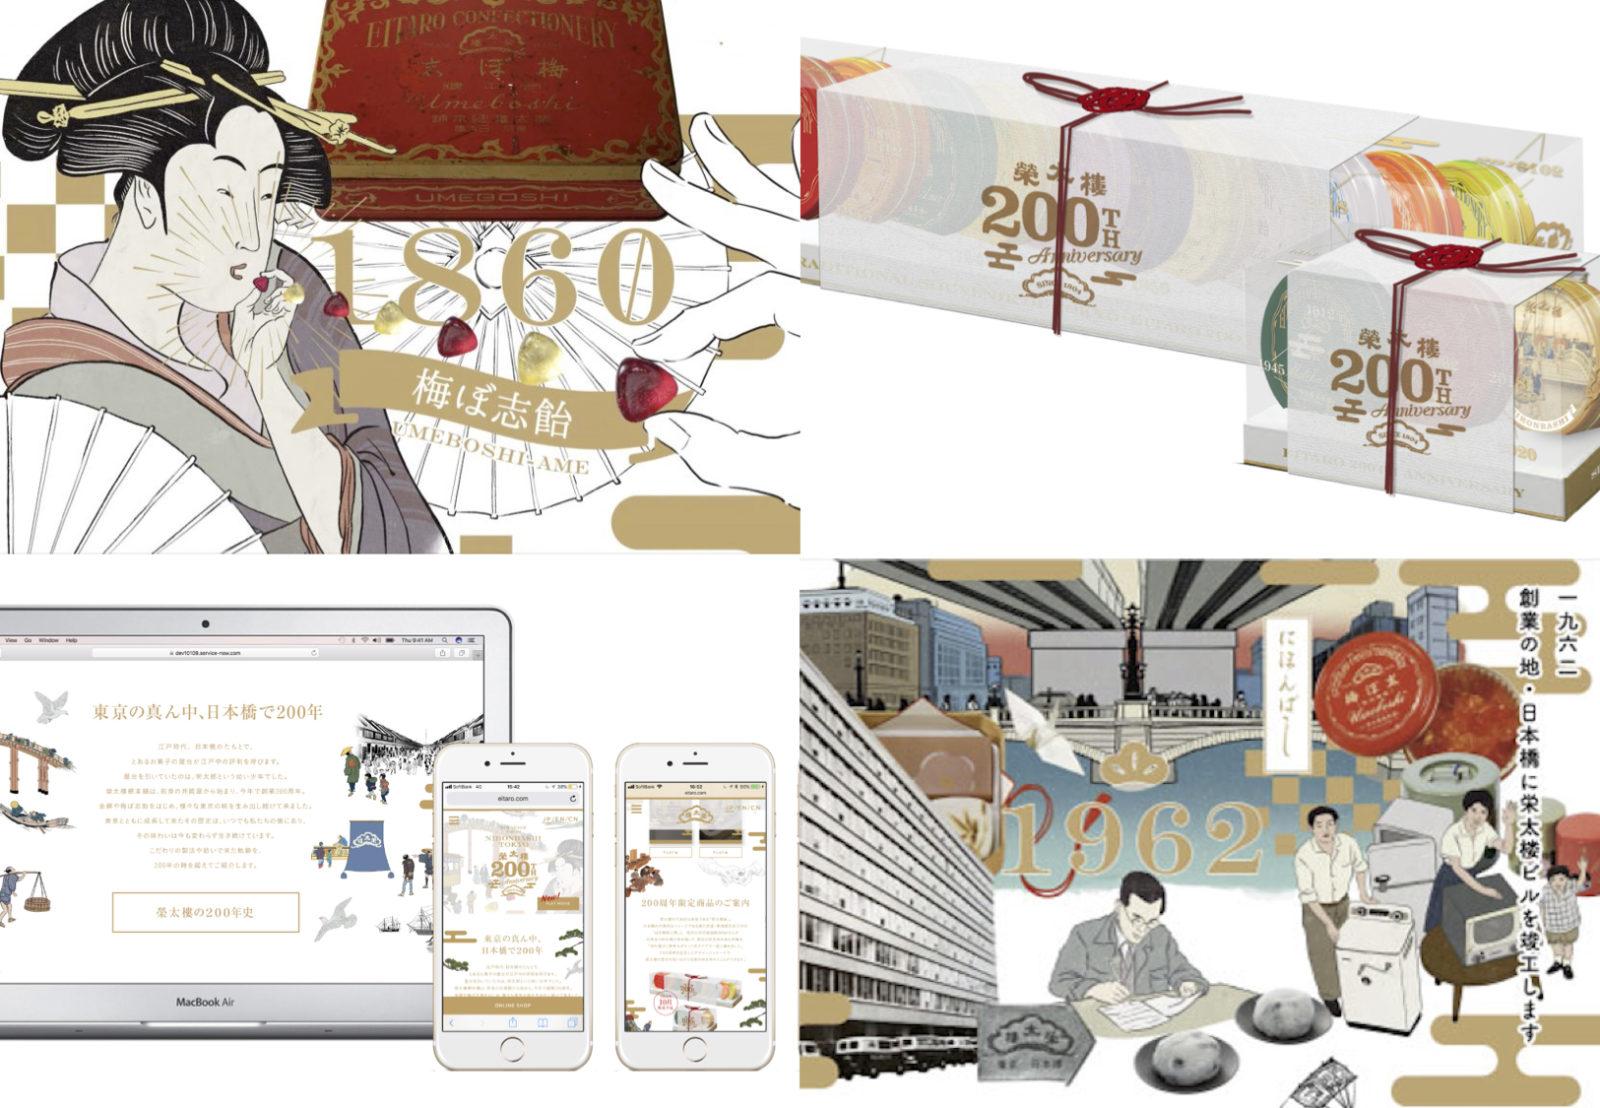 榮太樓總本鋪 / 200周年記念キャンペーン